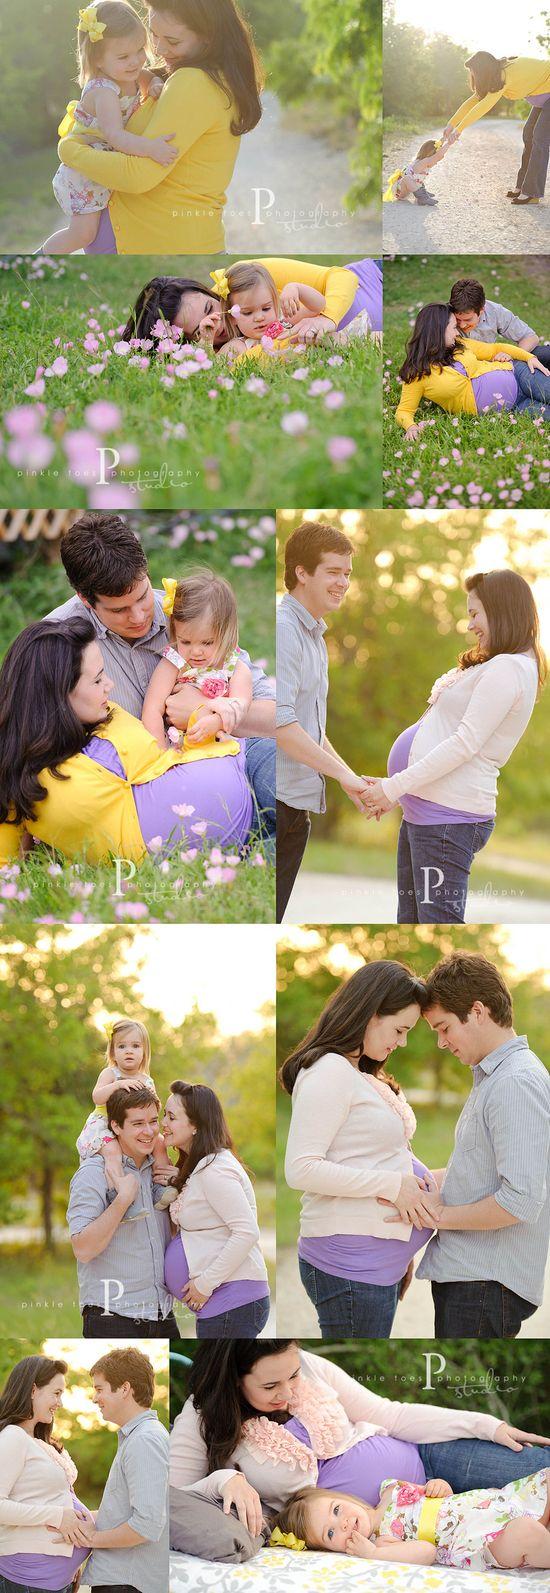 Family/Maternity photography ideas